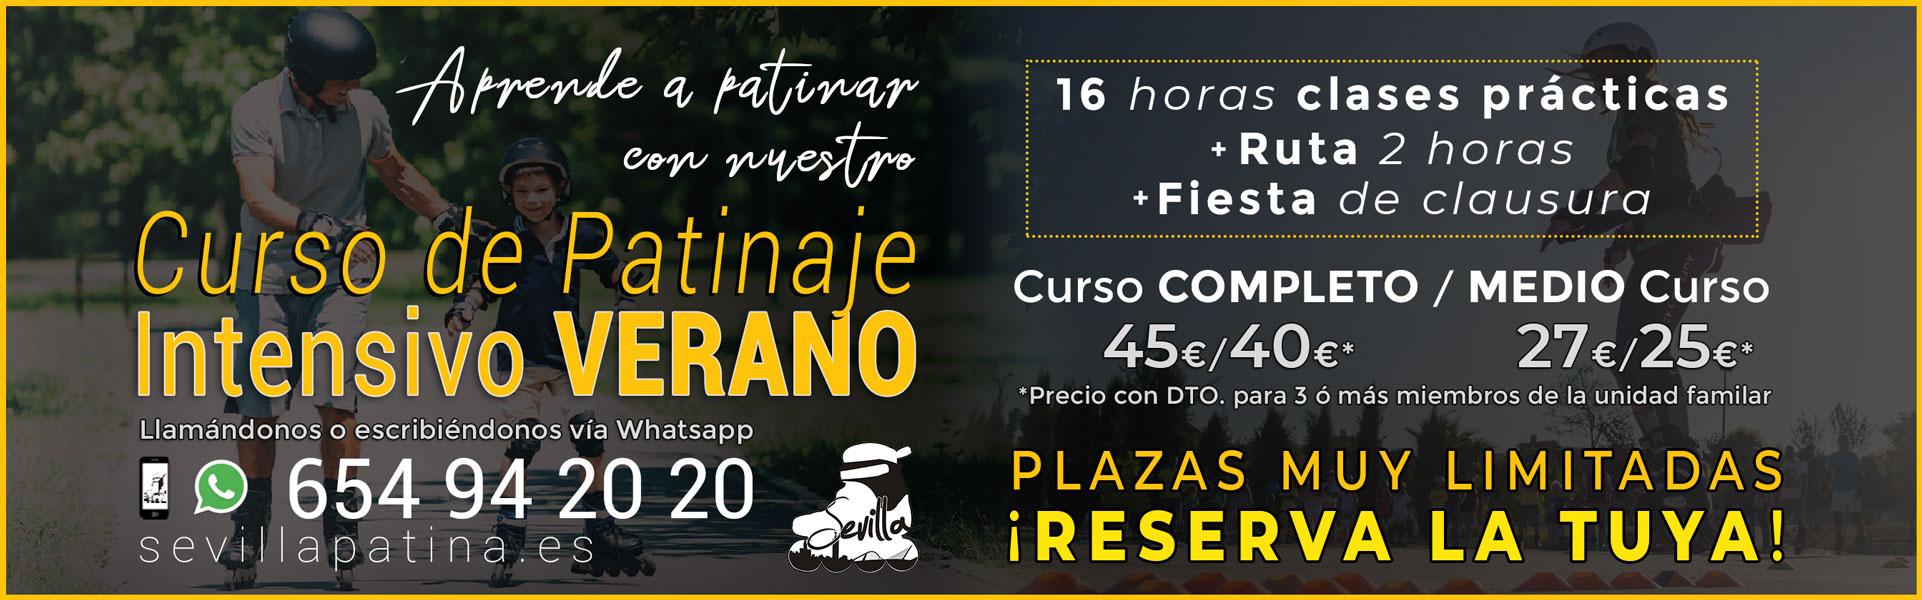 Curso de Patinaje en Línea en Sevilla · Verano 2021 · Sevilla Patina